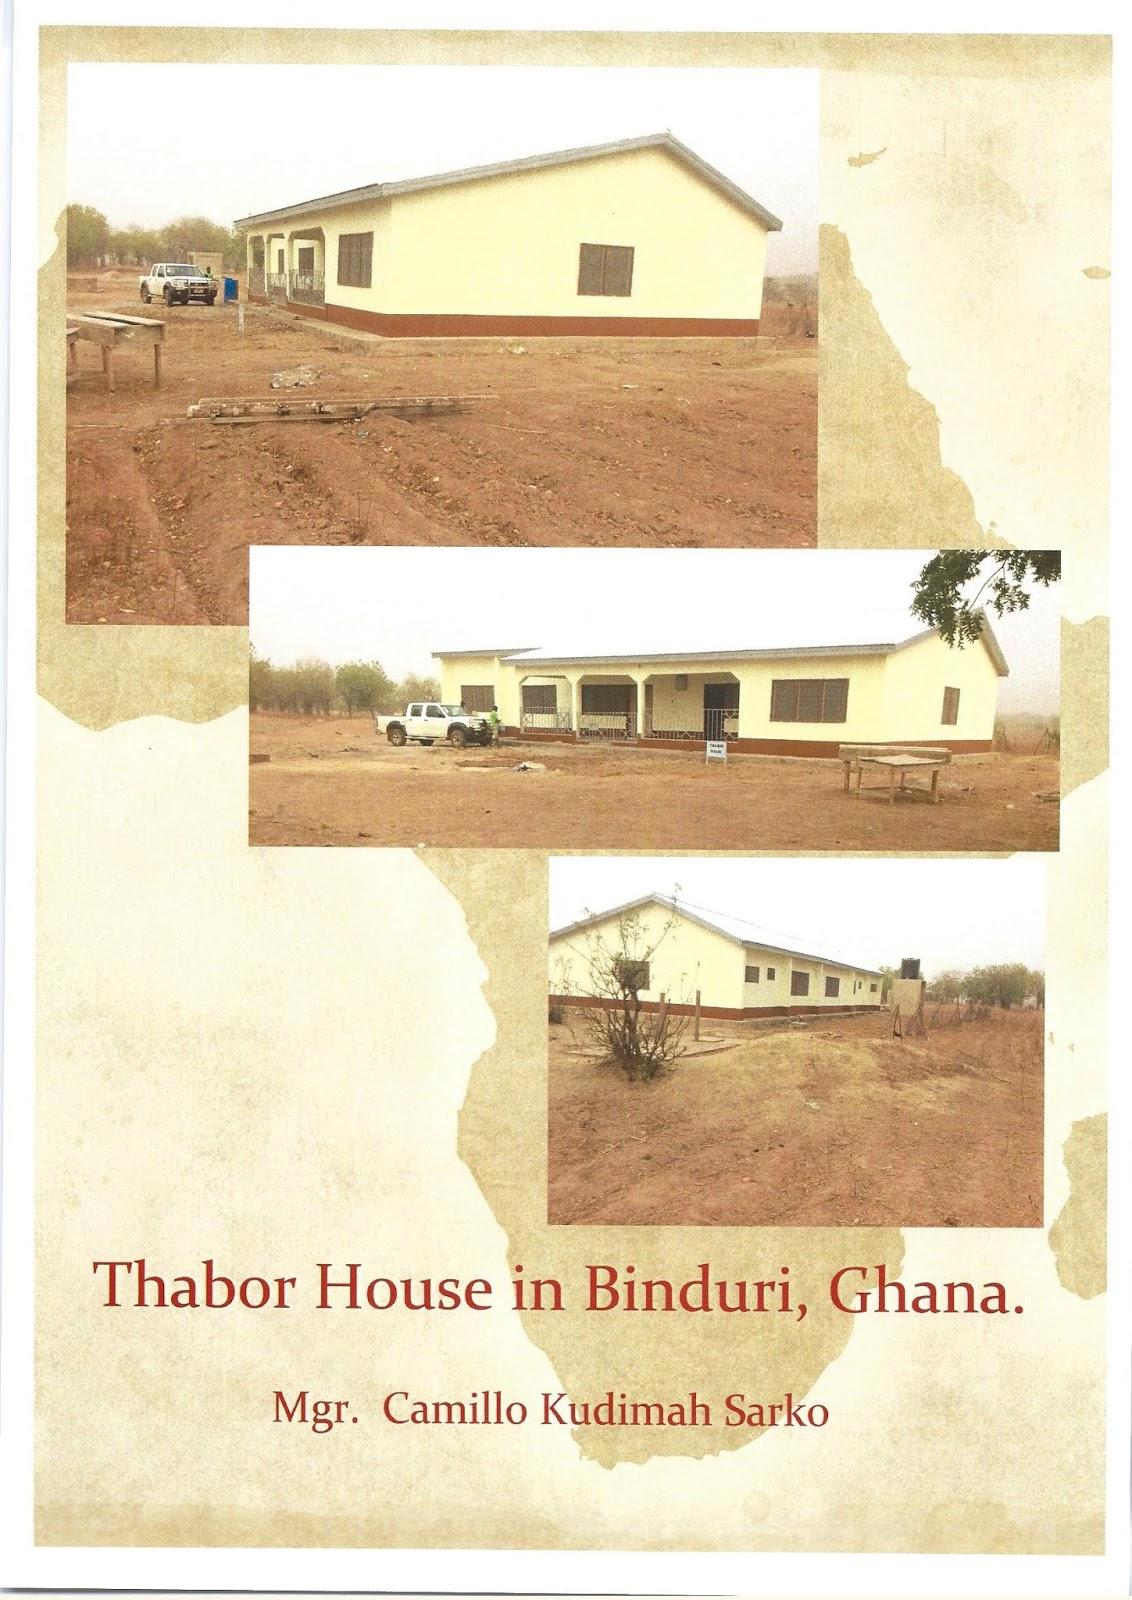 Priorij Thabor Greetings From Ghana Verzoek Om Een Gift Voor Ghana